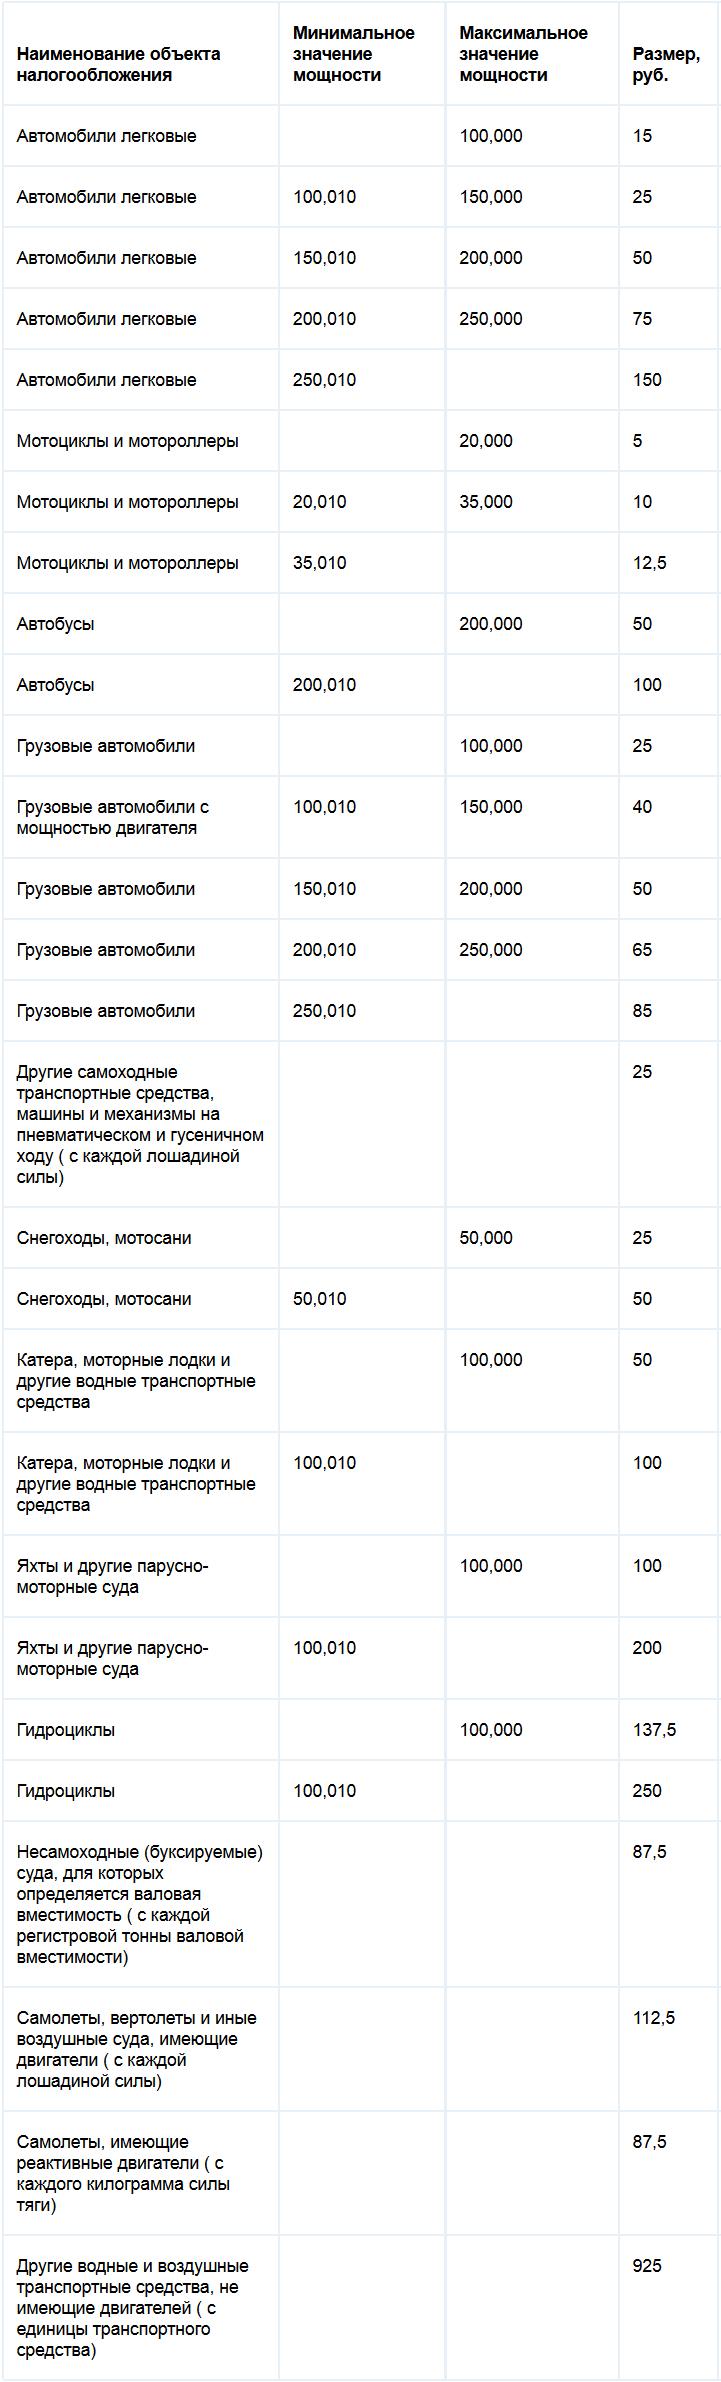 лучшие букмекерские конторы россии онлайн ставки